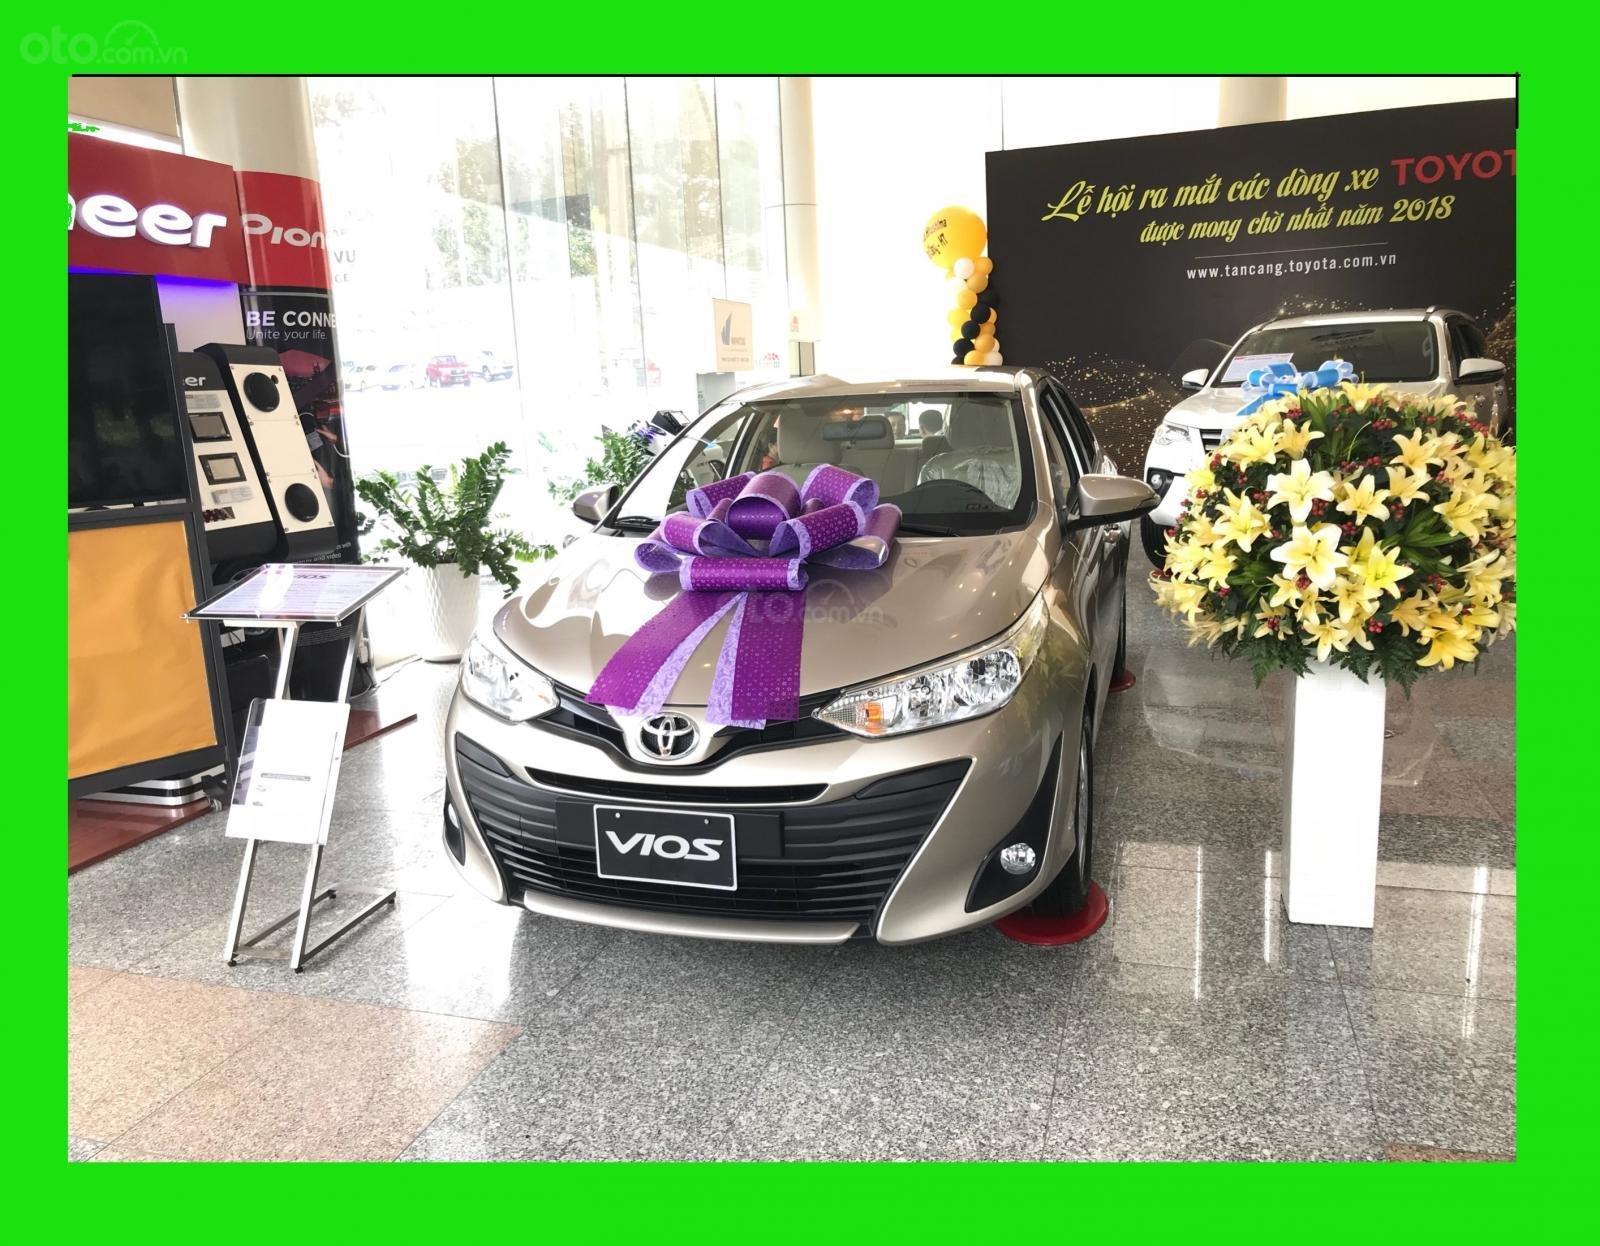 Toyota Tân Cảng Vios 1.5 tự động - Trả trước 150tr nhận xe - Xe giao ngay đủ màu - 0933000600 (1)